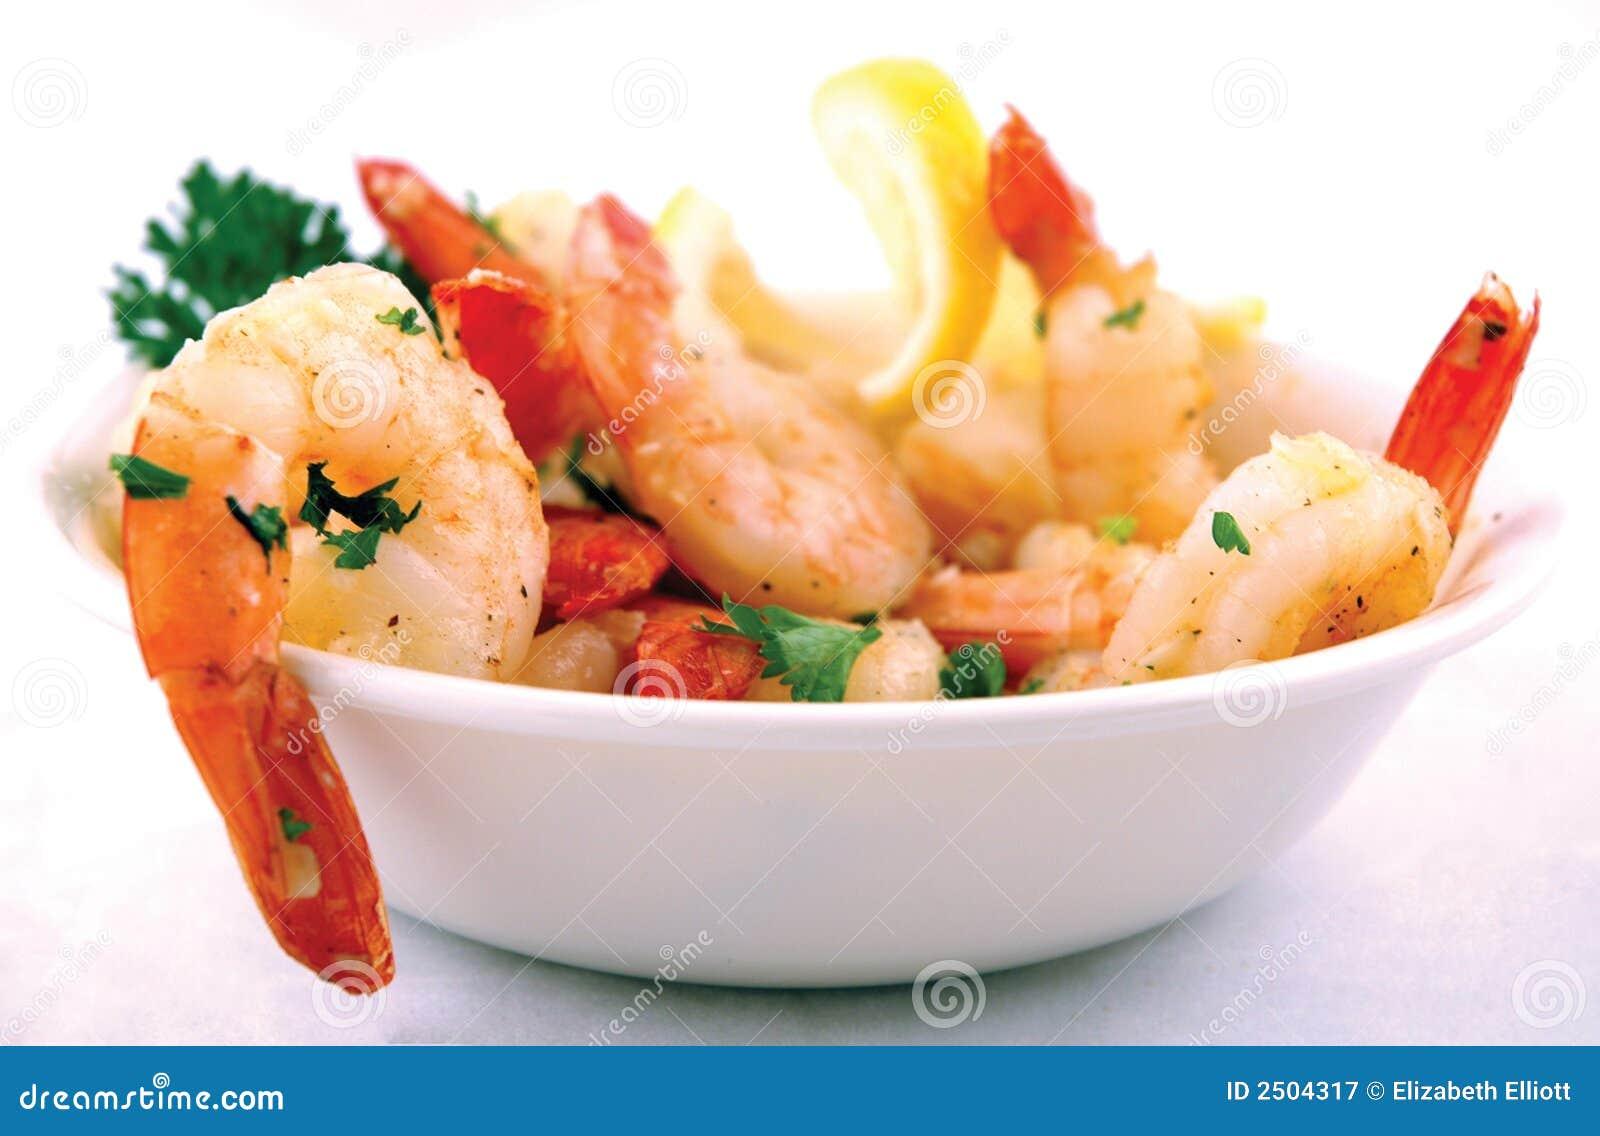 how to make shrimp stock